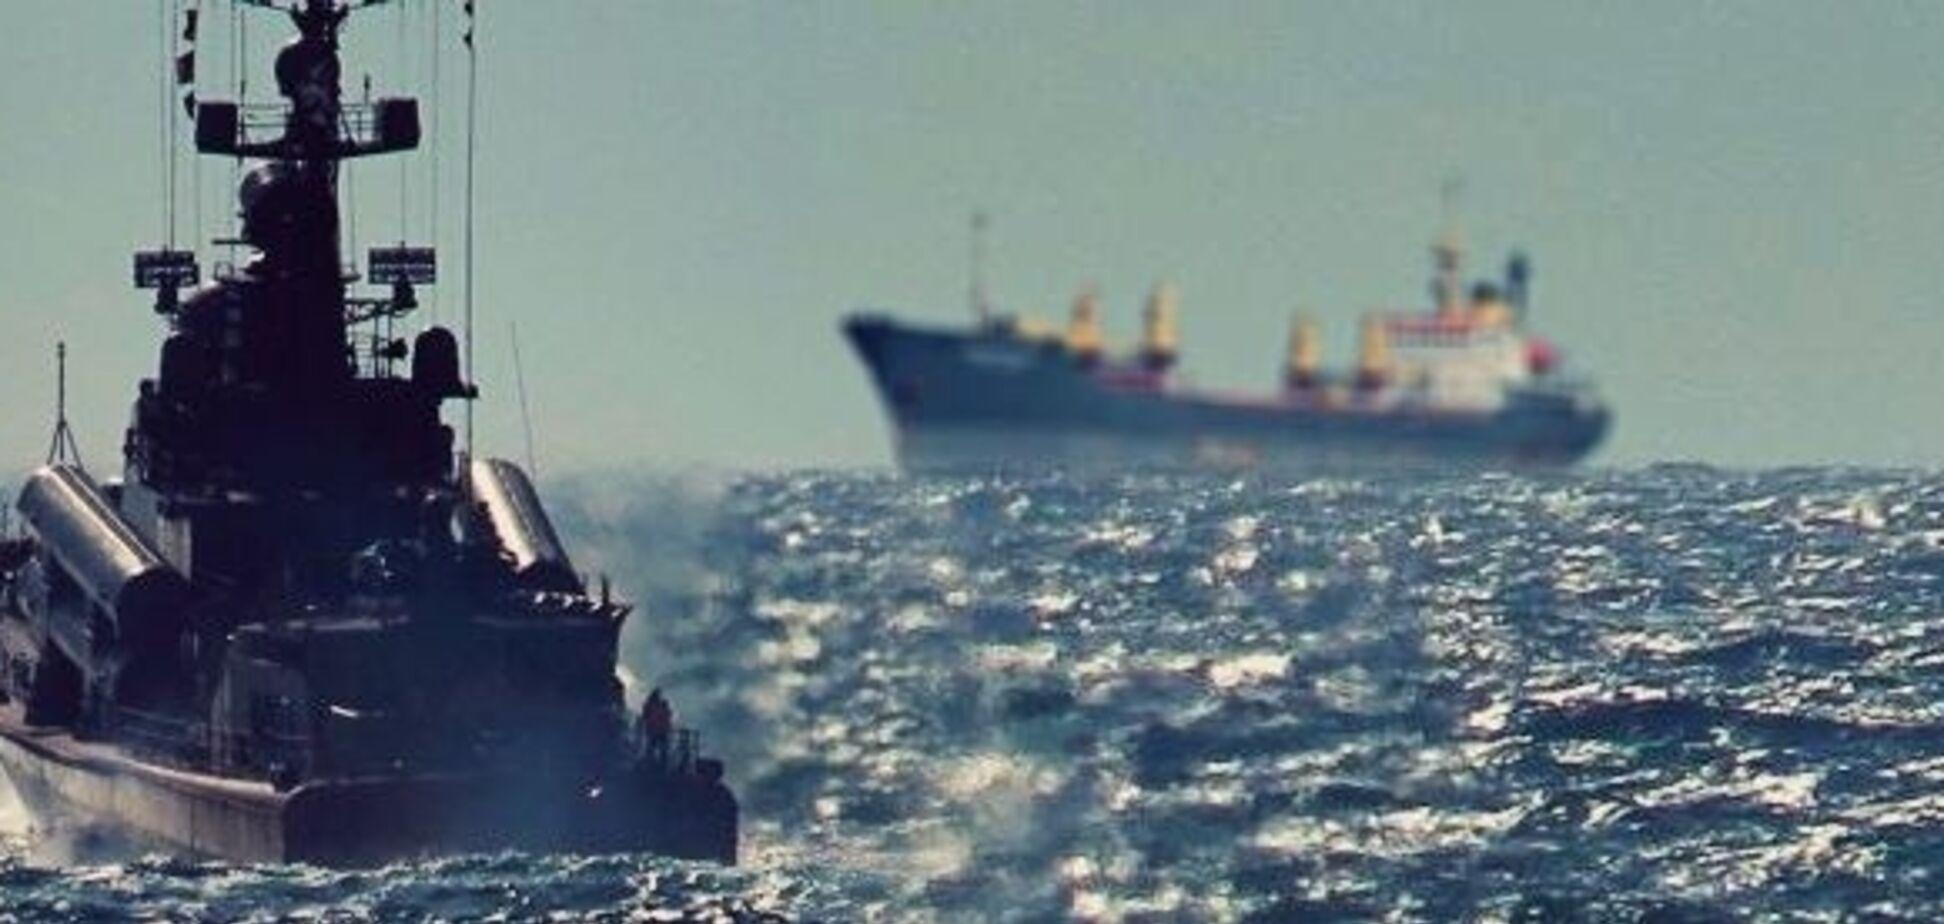 Євросоюз не допоможе: Україні напророкували новий виток конфлікту в Азовському морі